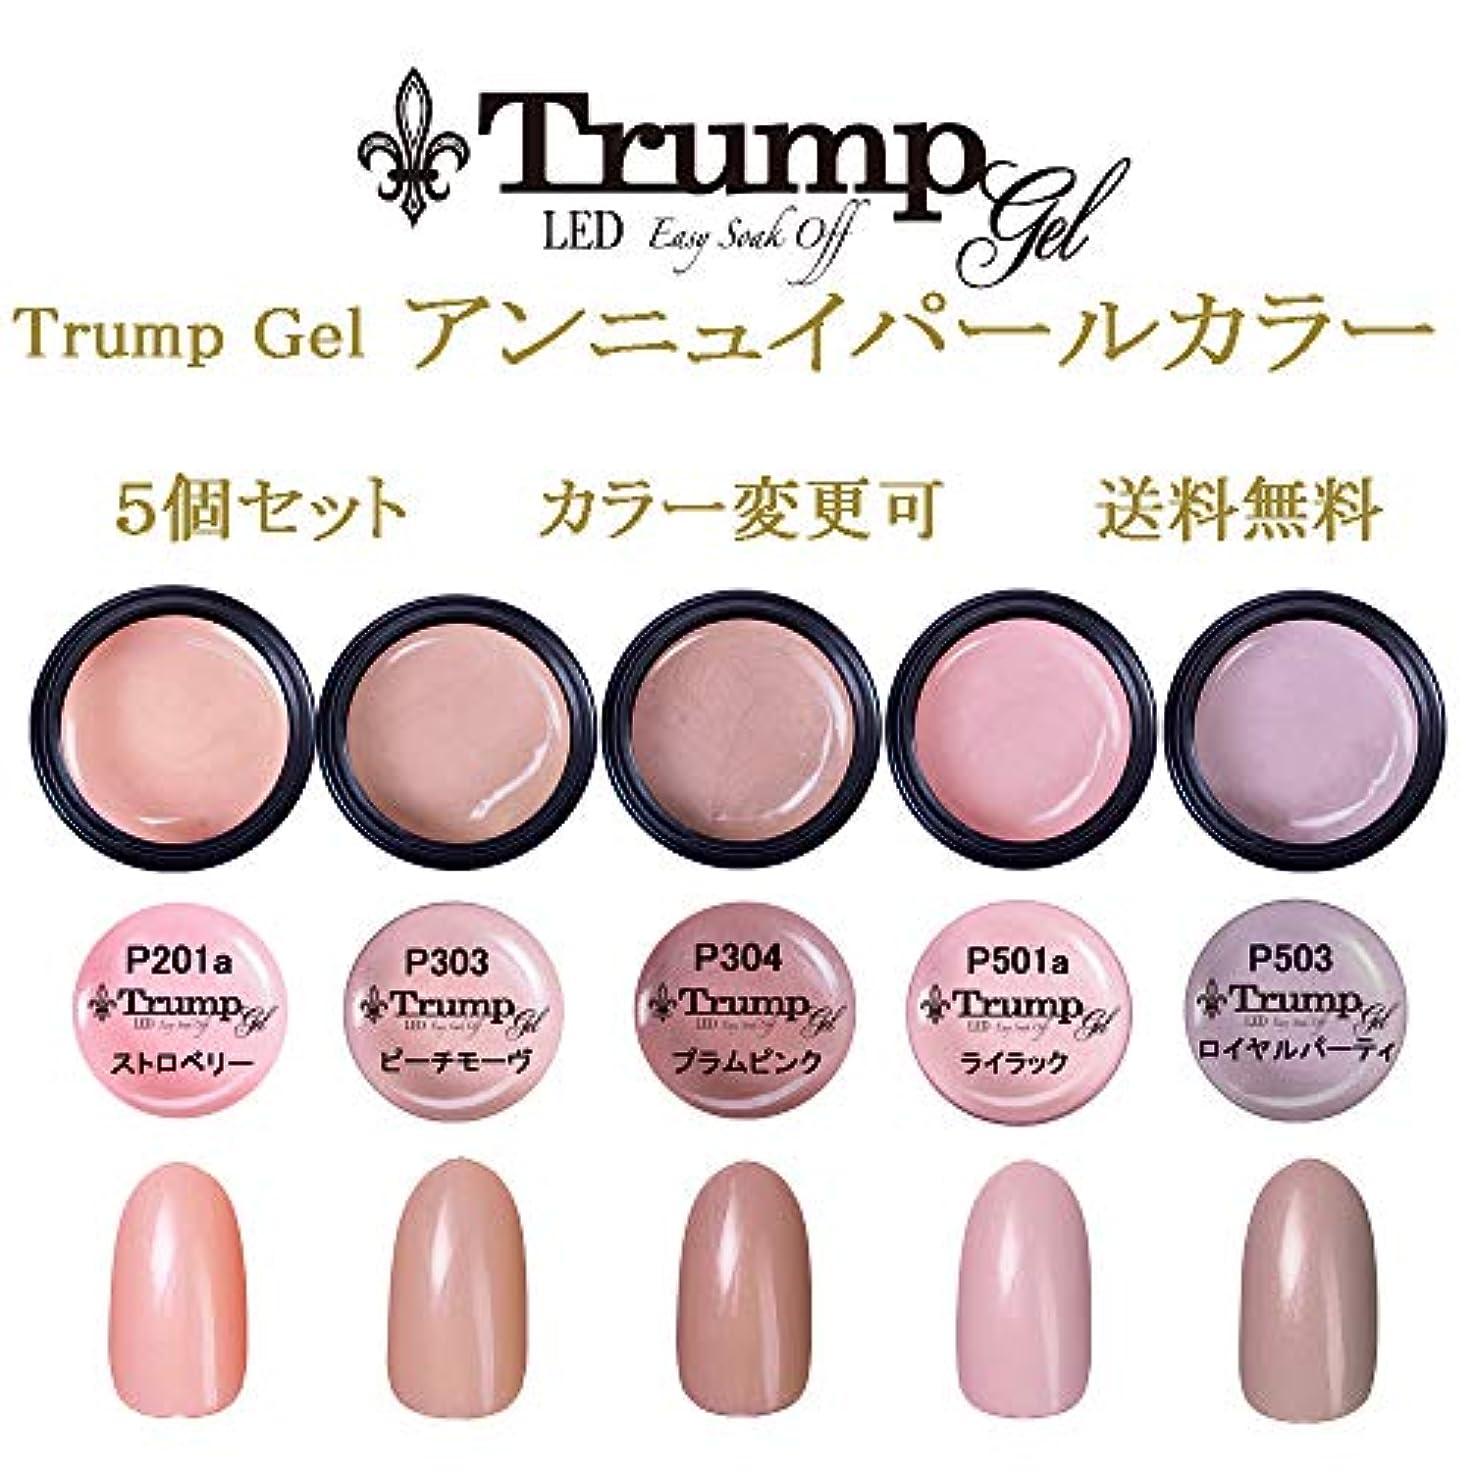 男らしい皿コークス日本製 Trump gel トランプジェル アンニュイ パール 選べる カラージェル 5個セット ピンク ベージュ パープル